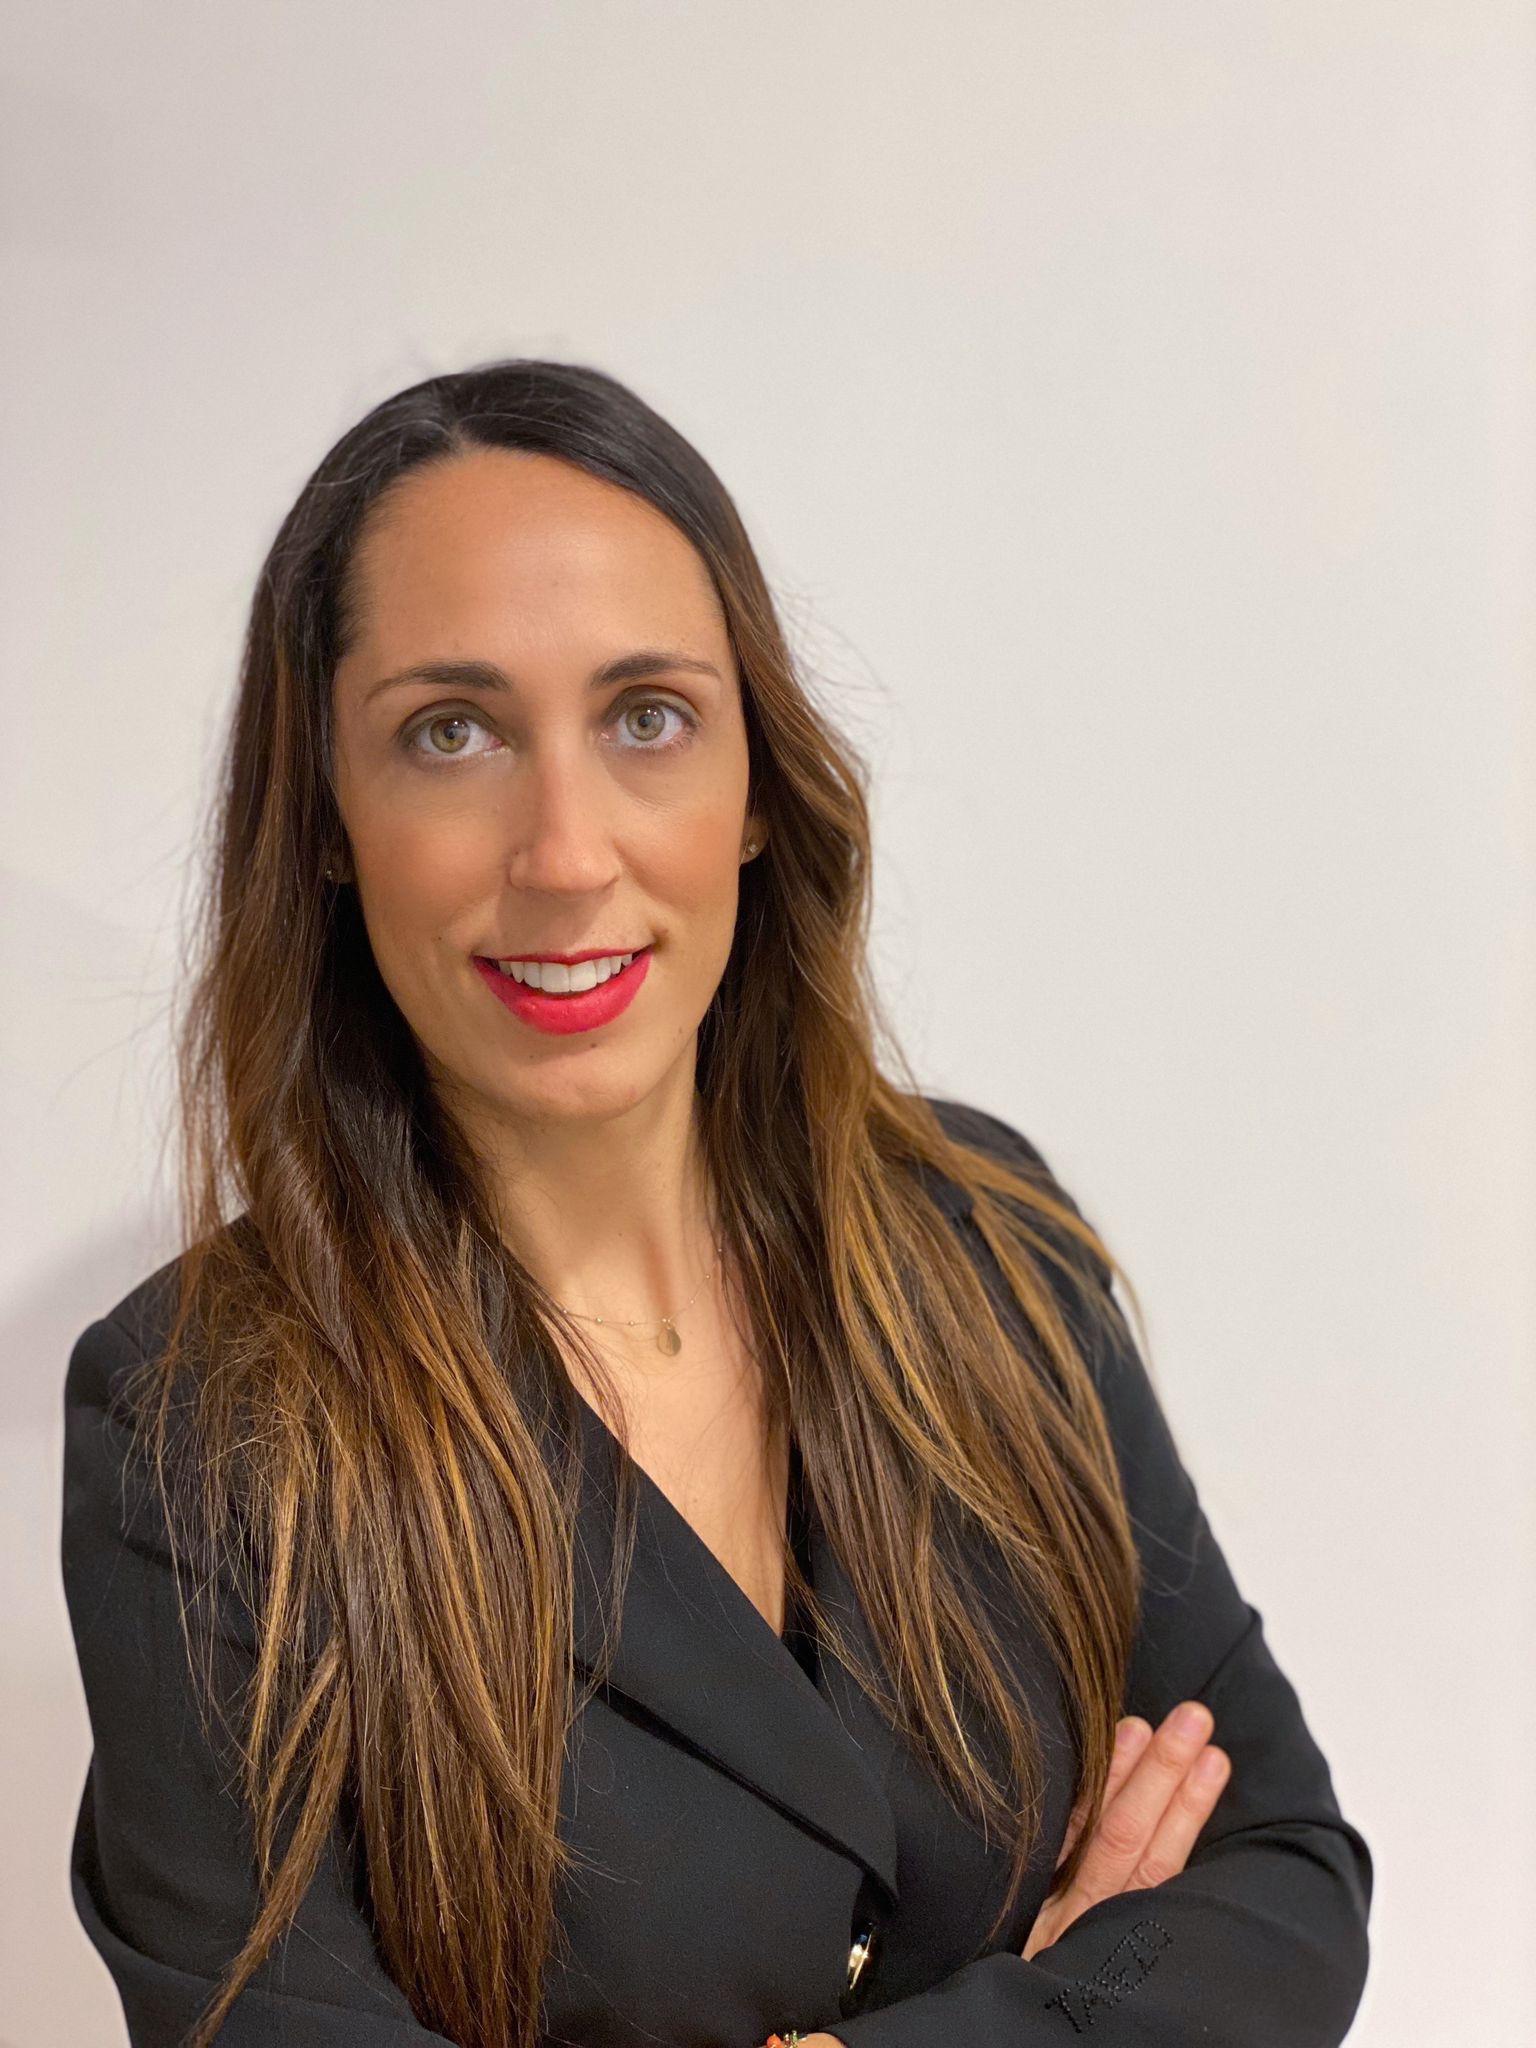 Irene Pedreño